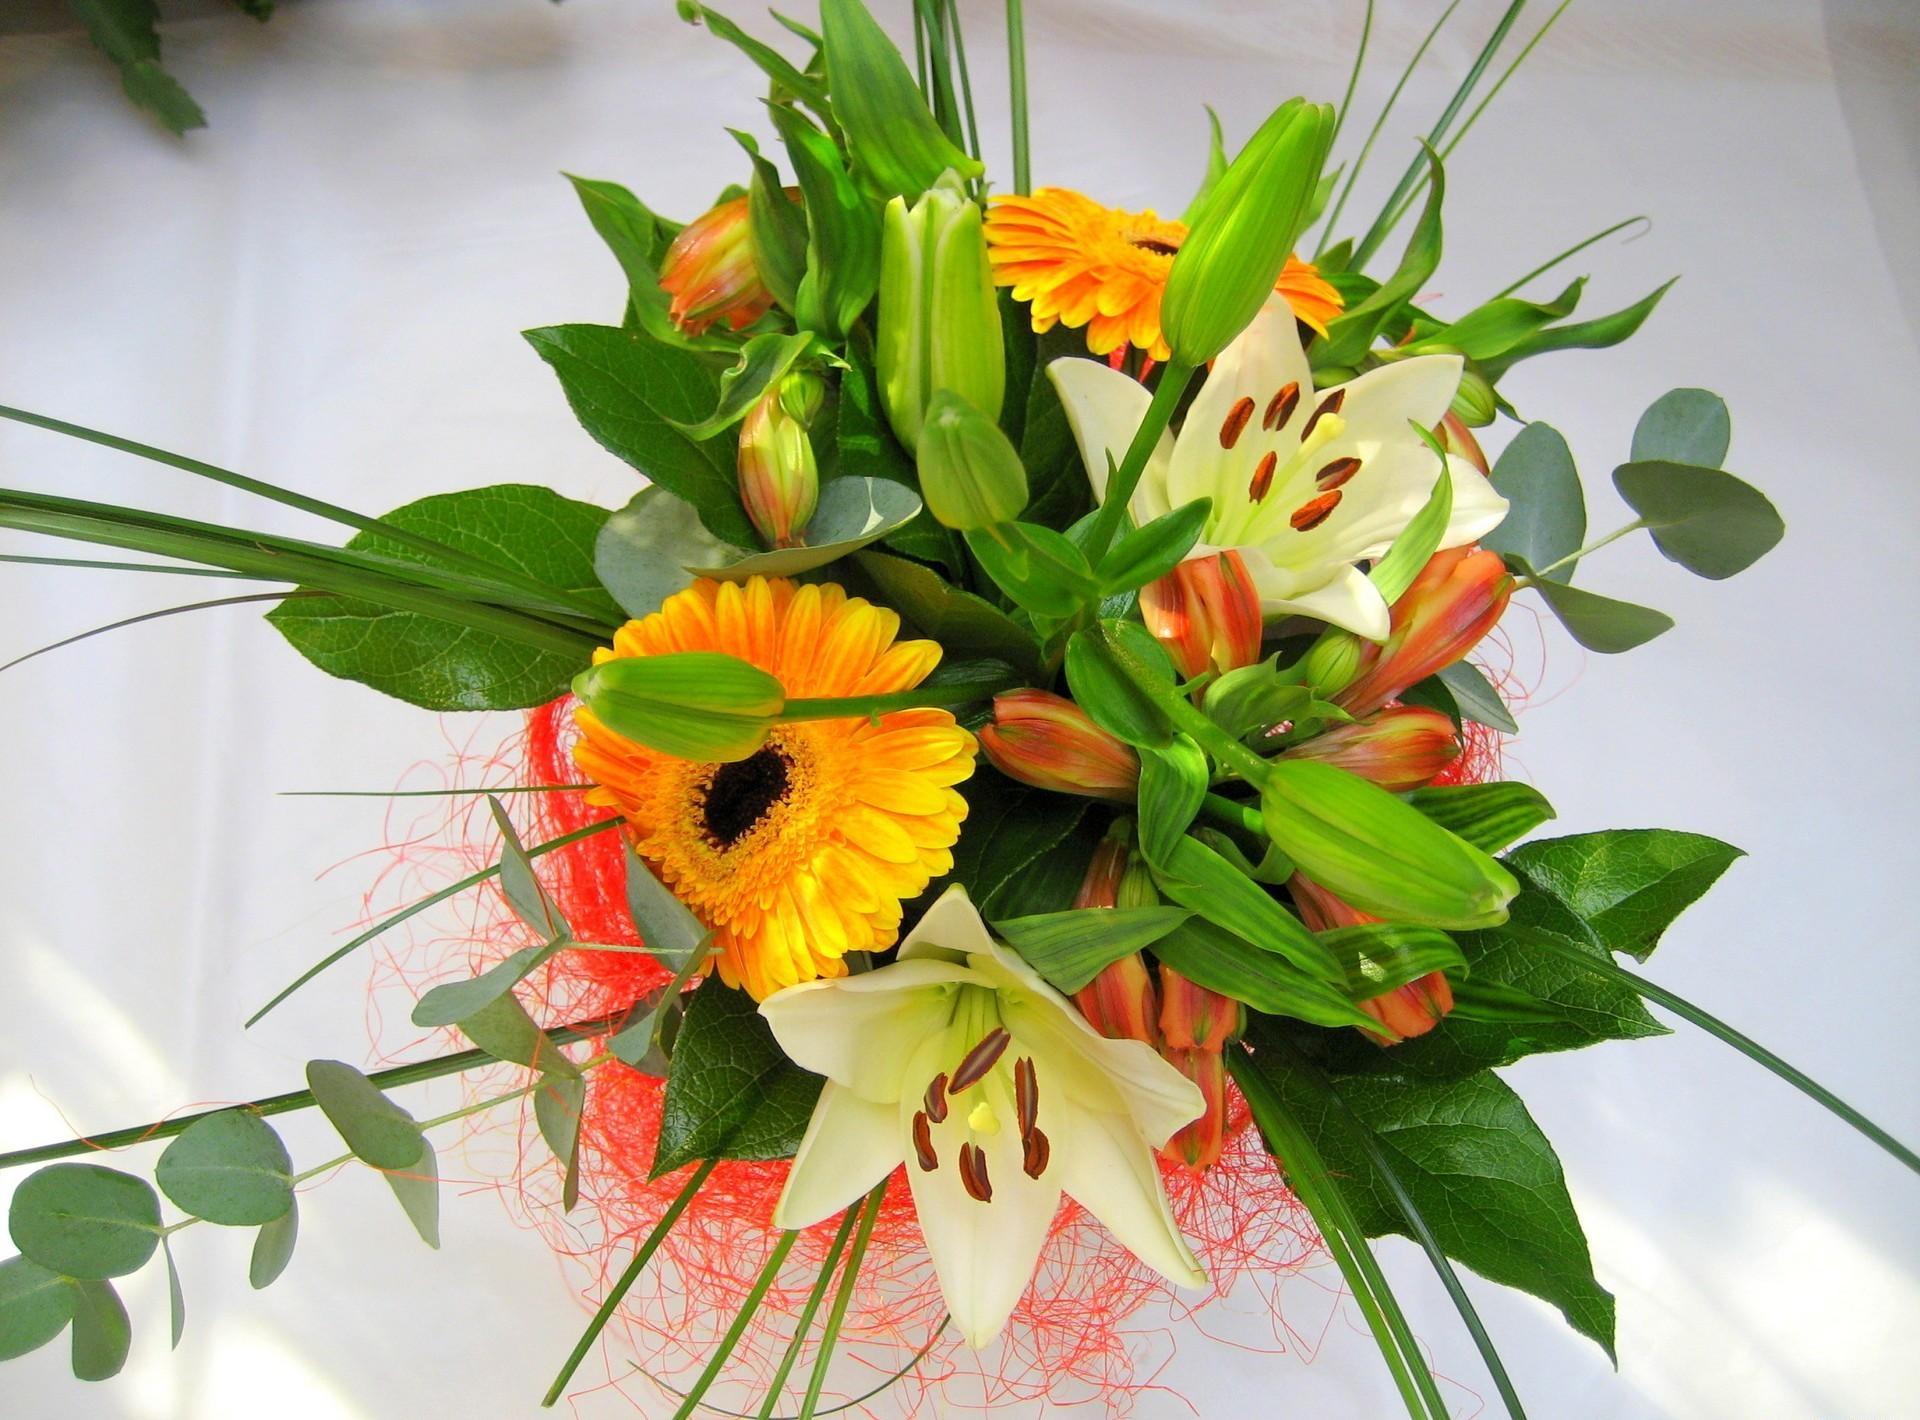 145859 скачать обои Цветы, Лилии, Букет, Оформление, Герберы - заставки и картинки бесплатно